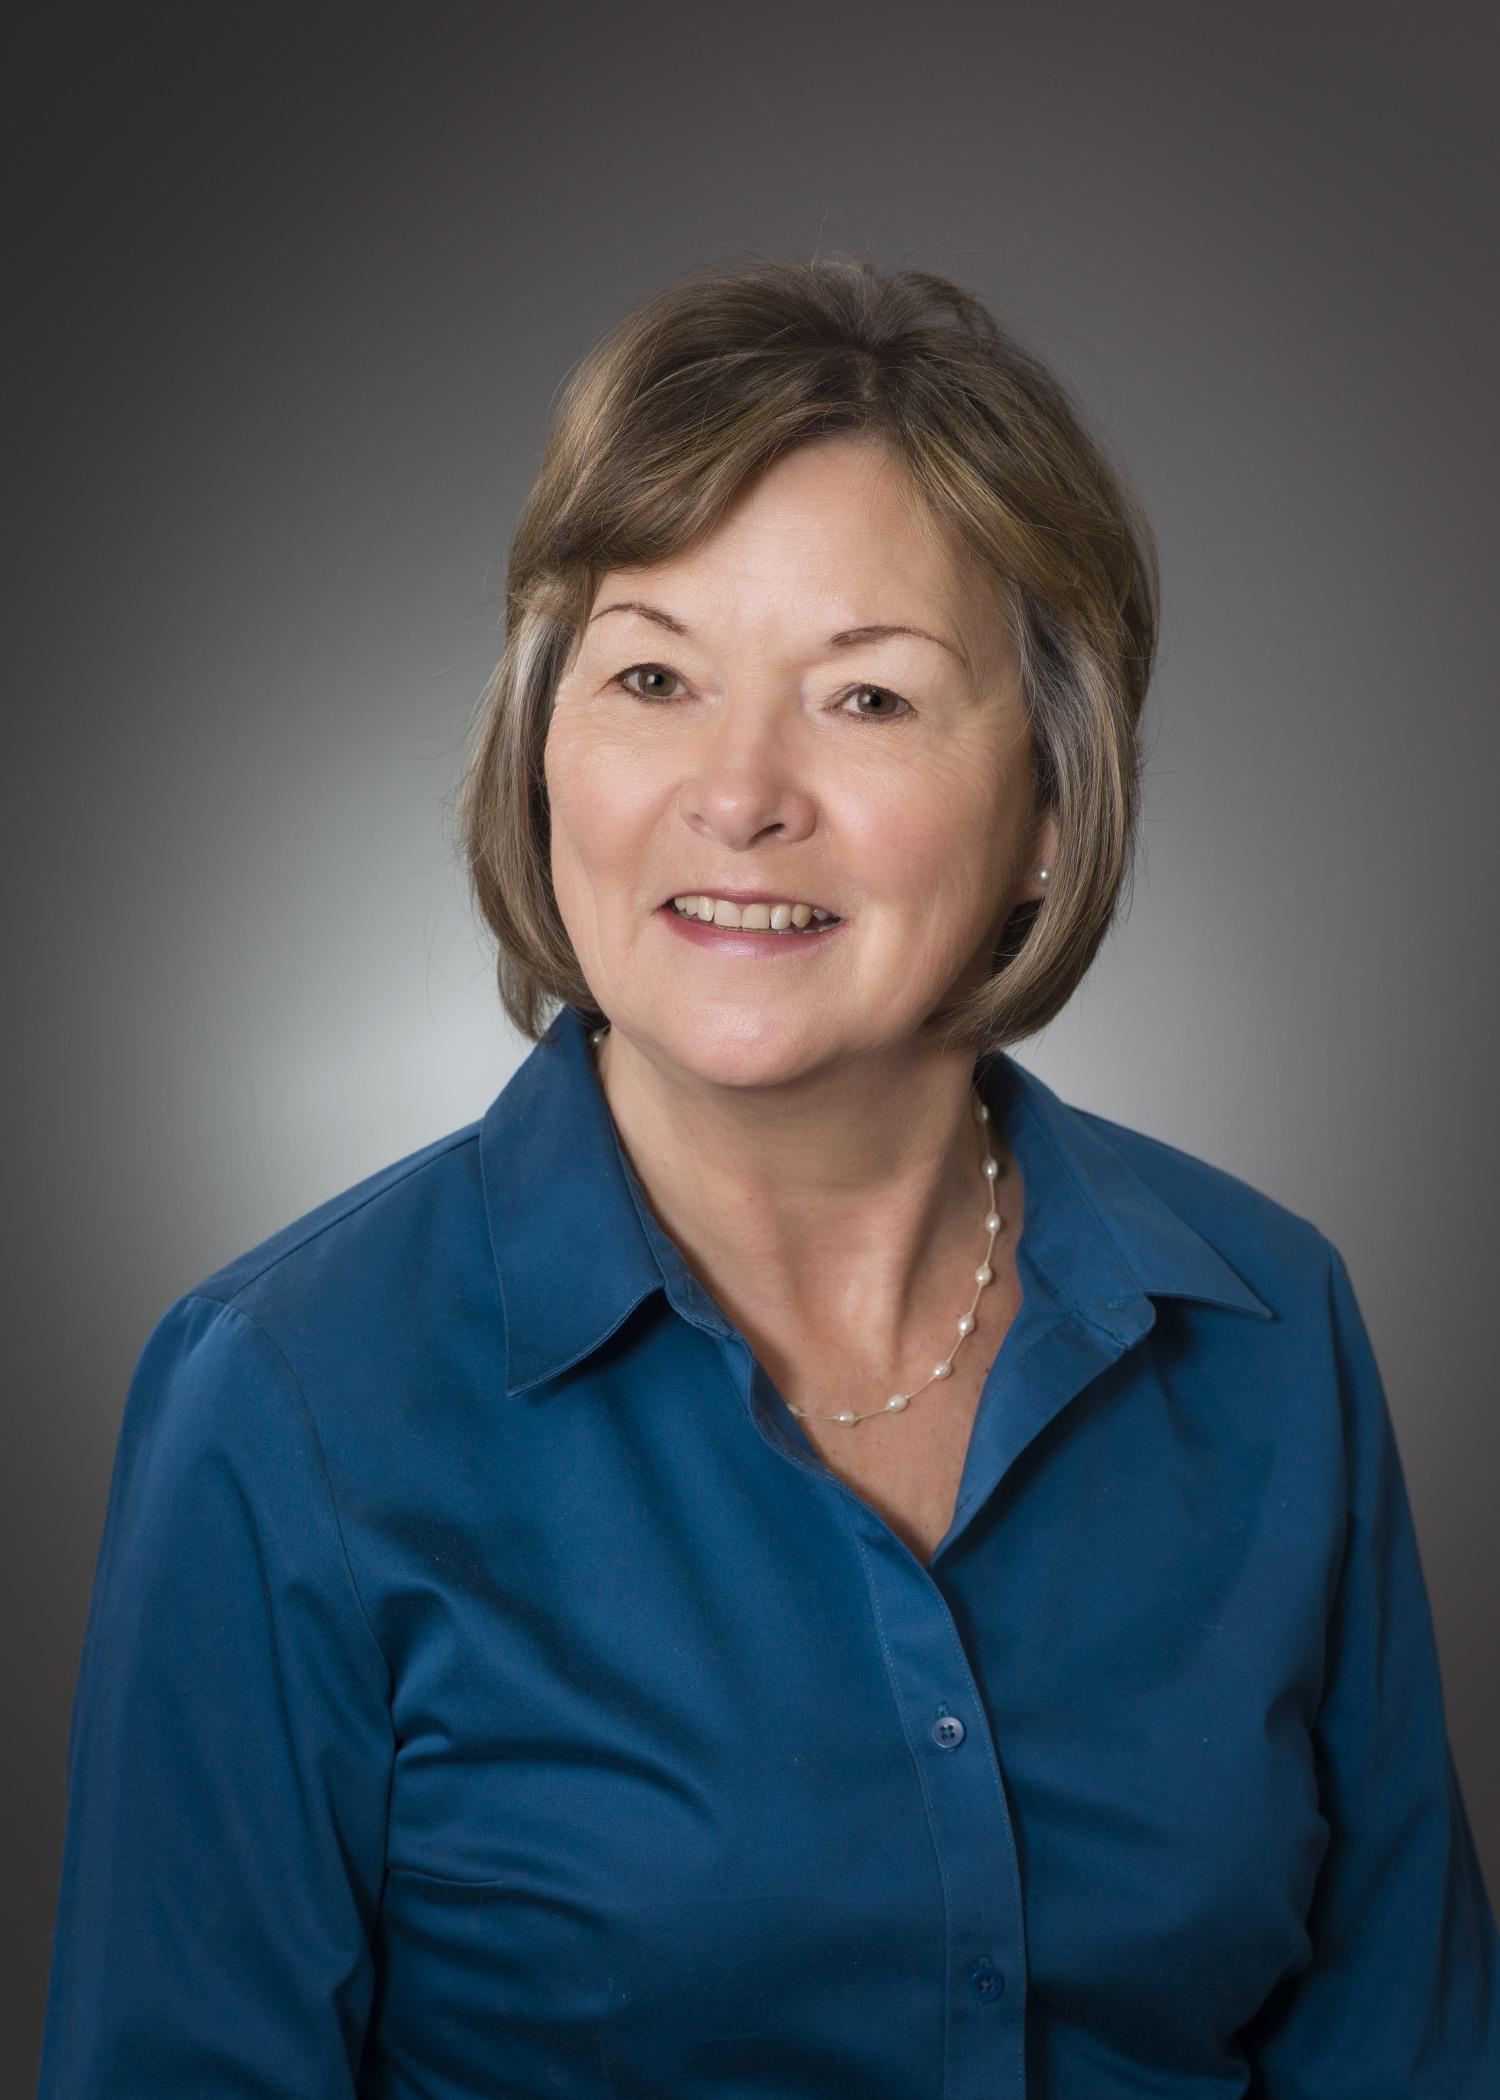 Karla Bolken ('80), Retired Educator